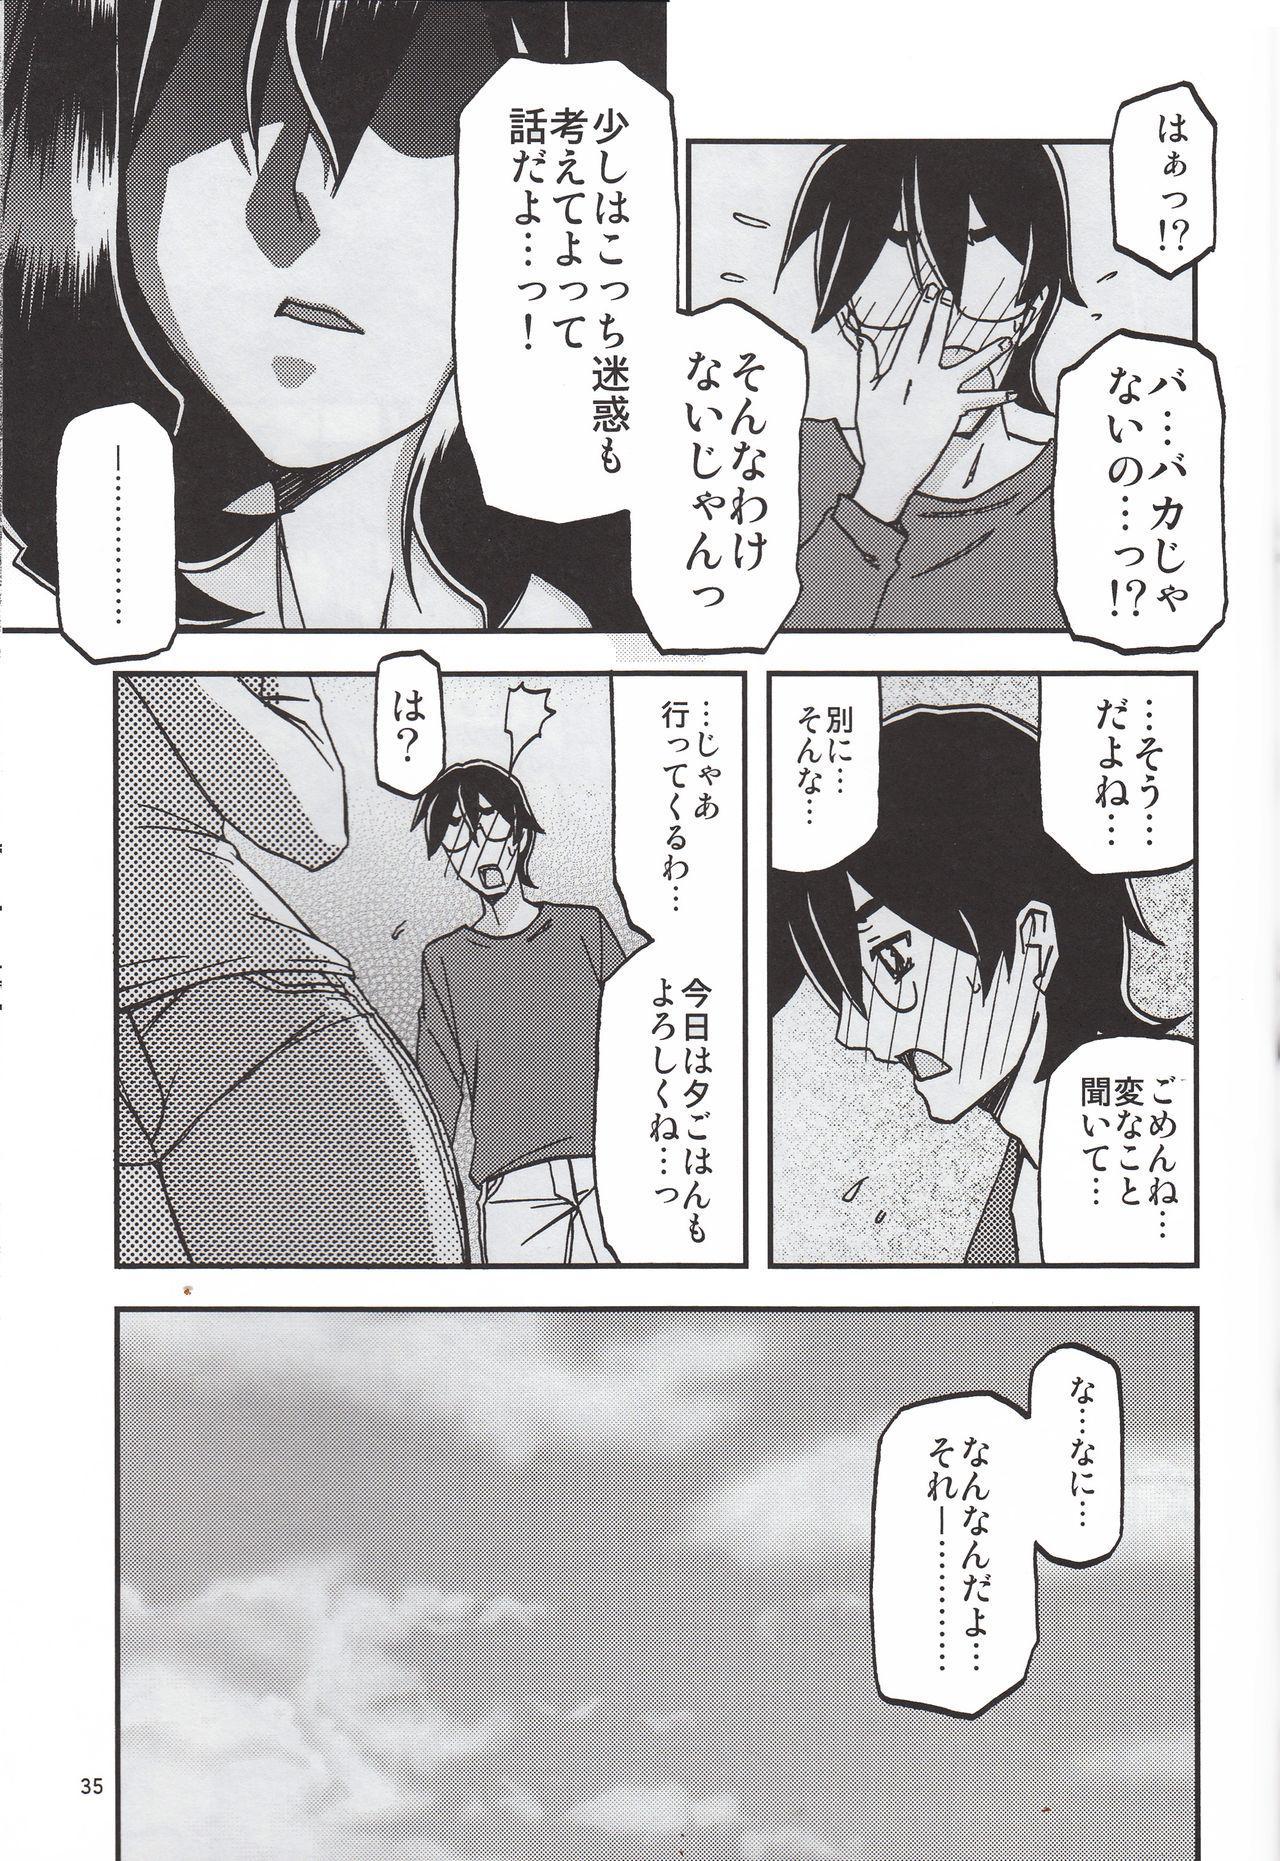 Akebi no Mi - Chizuru katei 32